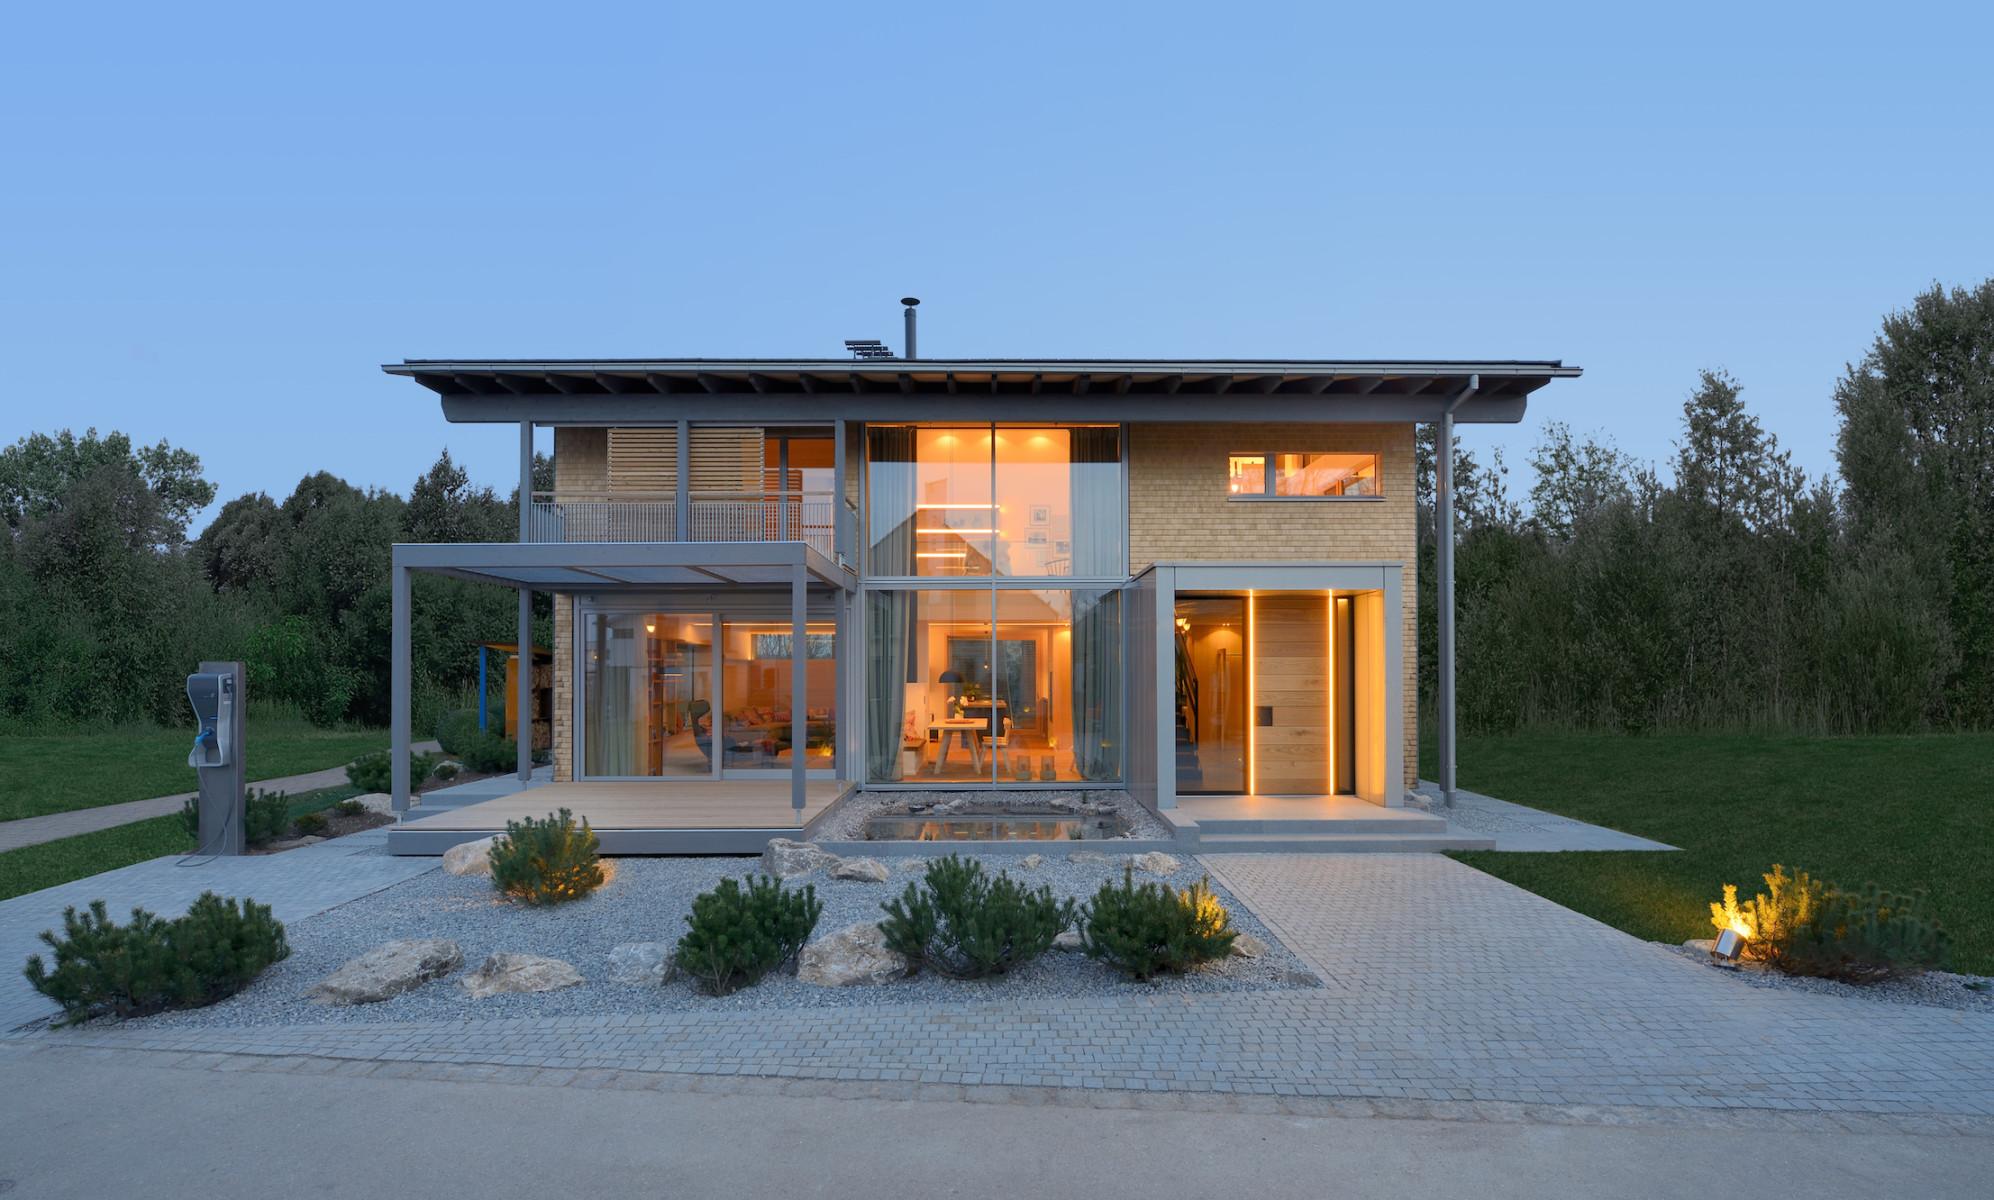 Wir planen und bauen unser haus hausbau ratgeber for Haus bauen design